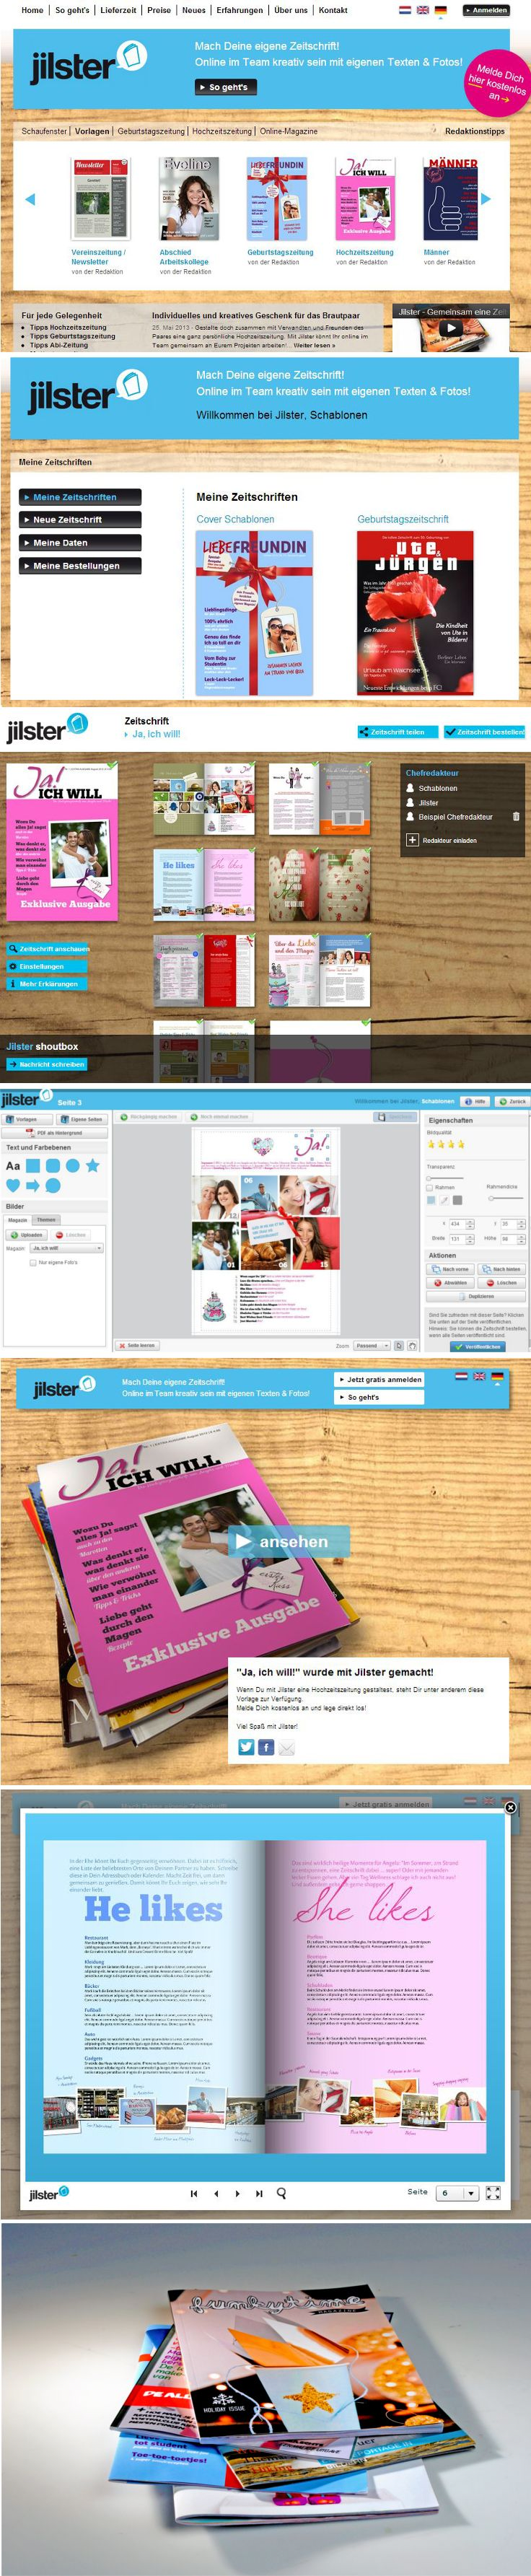 Mit Jilster kannst du zusammen eine eigenen Zeitschrift gestalten Arbeite gemeinsam mit Freunden Familie oder Kollegen eine eigene Zeitschrift